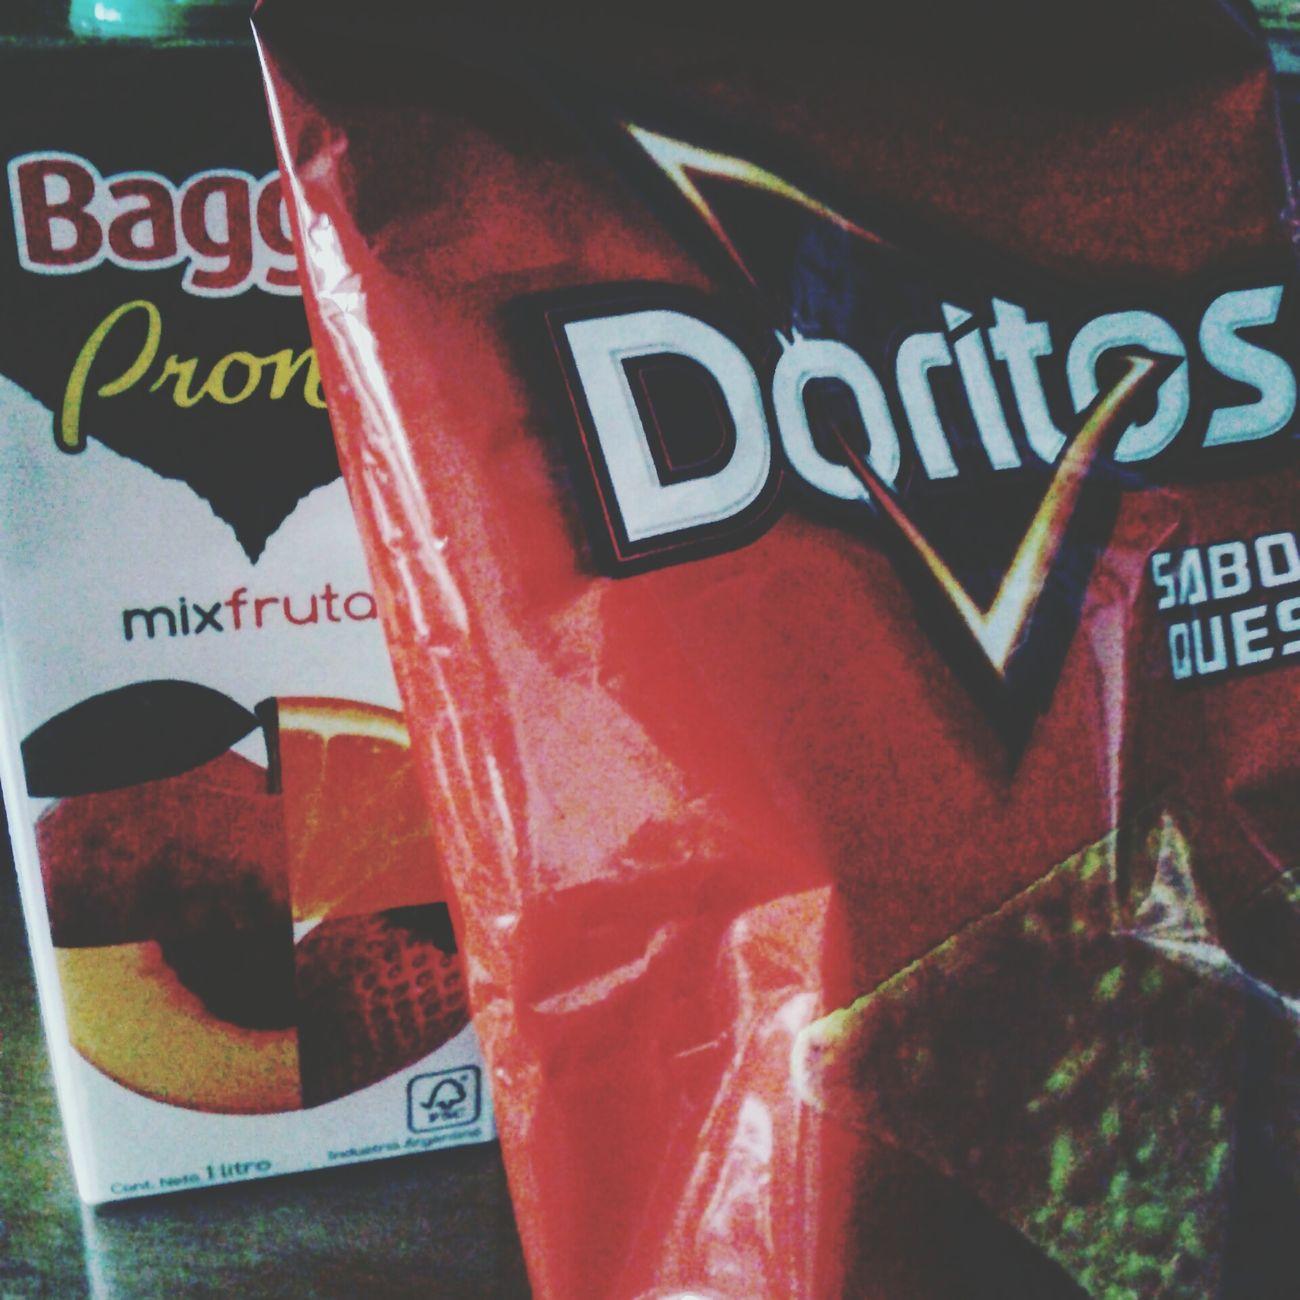 Bajonn Doritos BAGGIO